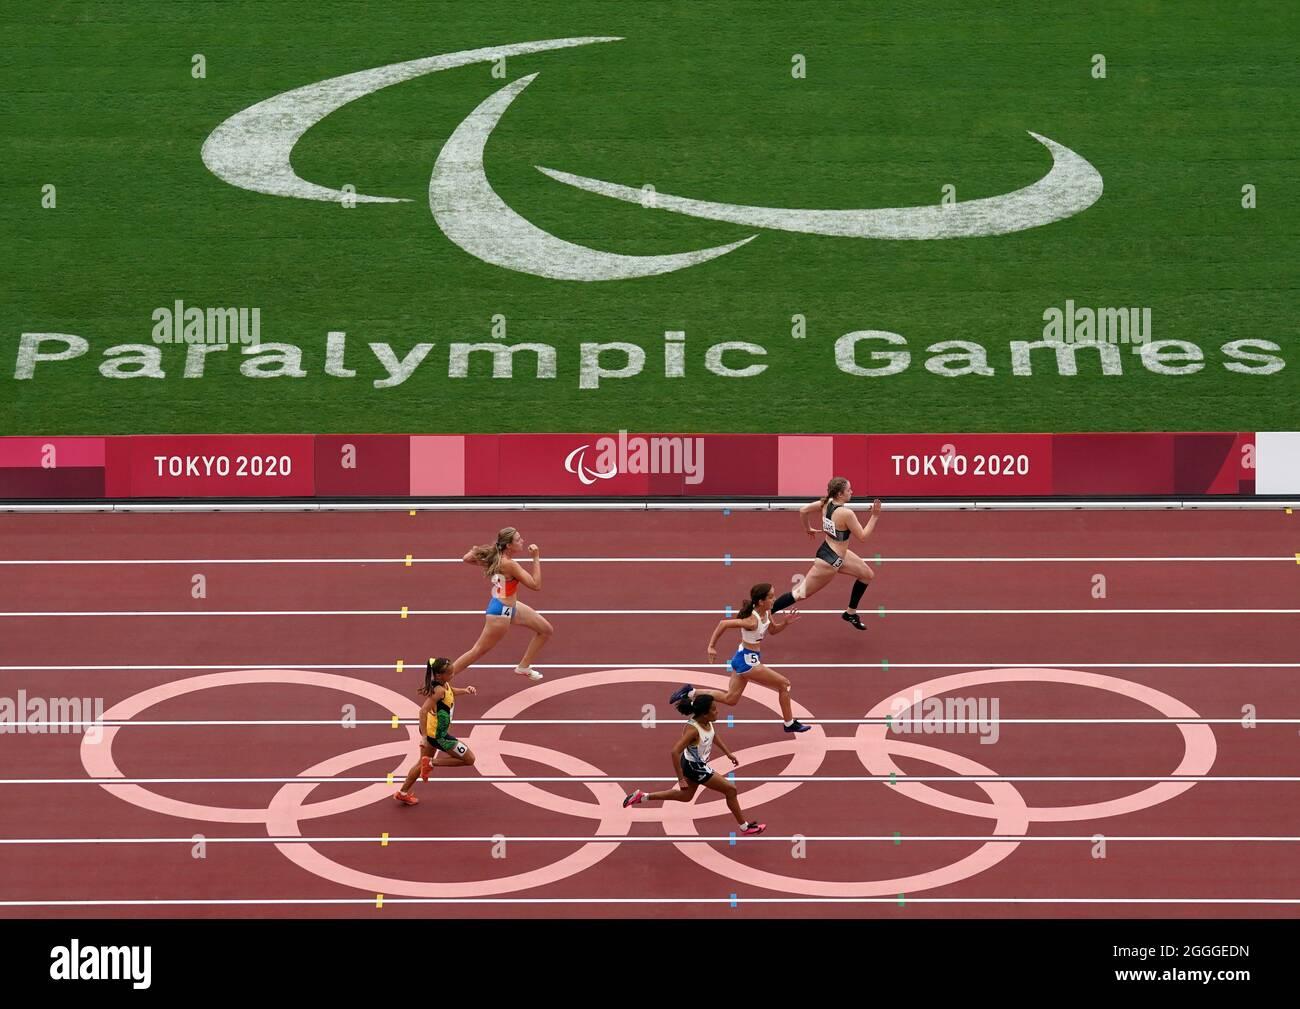 Die Neuseeländerin Danielle Aitchison ist auf dem Weg zum Gewinn der 100 m T36 Heat 1 der Frauen im Olympiastadion am achten Tag der Paralympischen Spiele in Tokio 2020 in Japan. Bilddatum: Mittwoch, 1. September 2021. Stockfoto